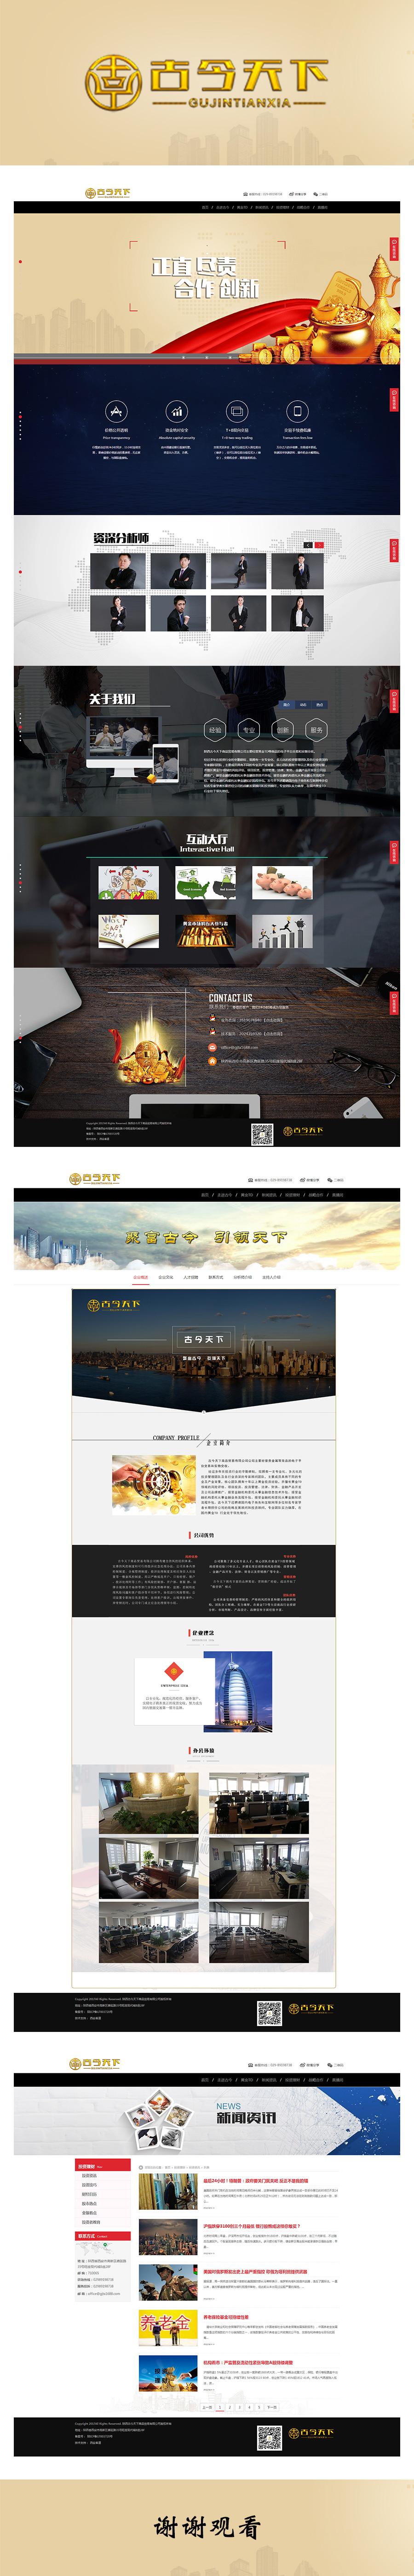 网站建设案例陕西古今天下商品贸易有限公司